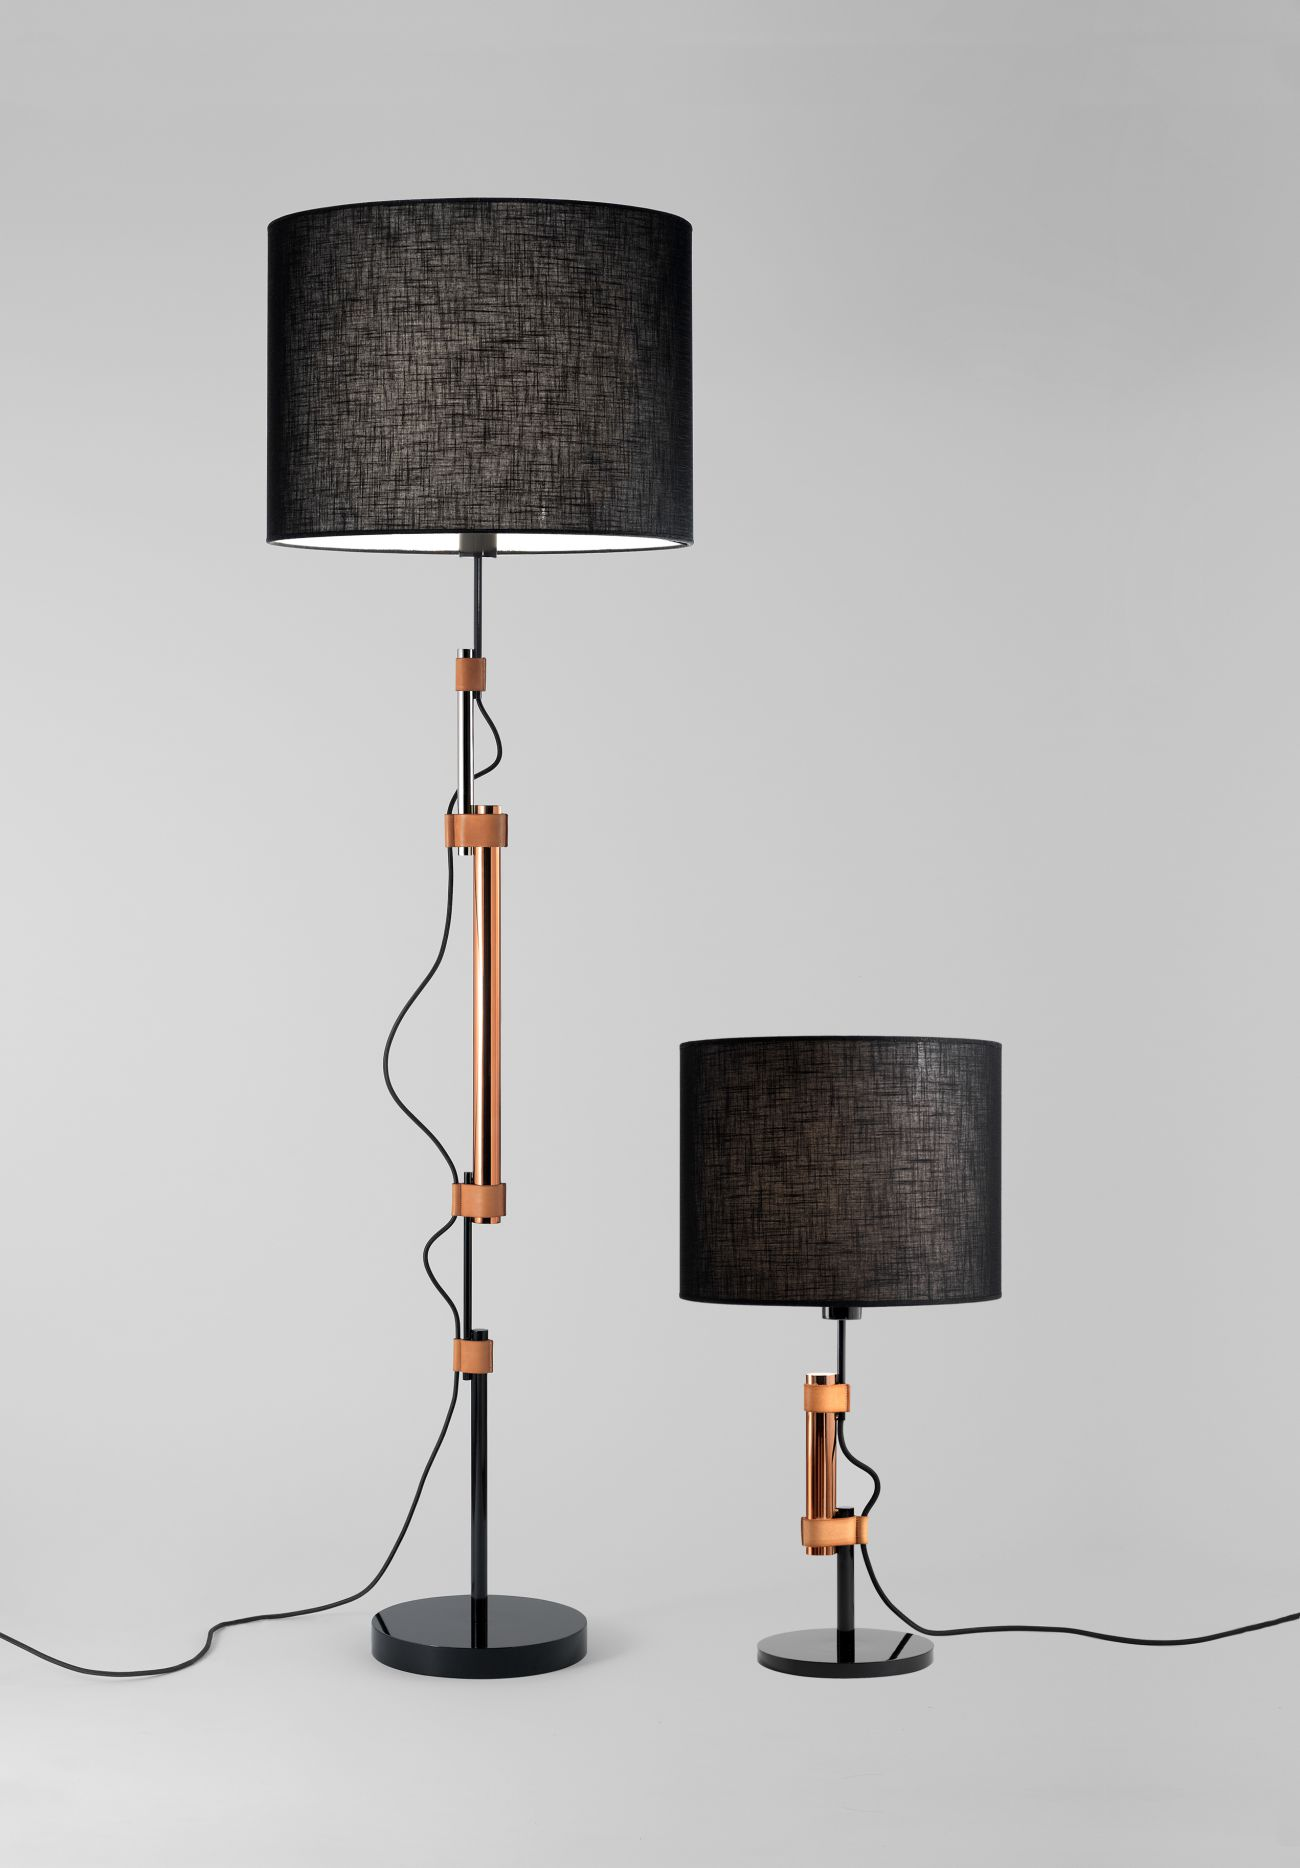 Metalarte frank p accesorio pantalla para 870982500 - Pantallas de lamparas ...